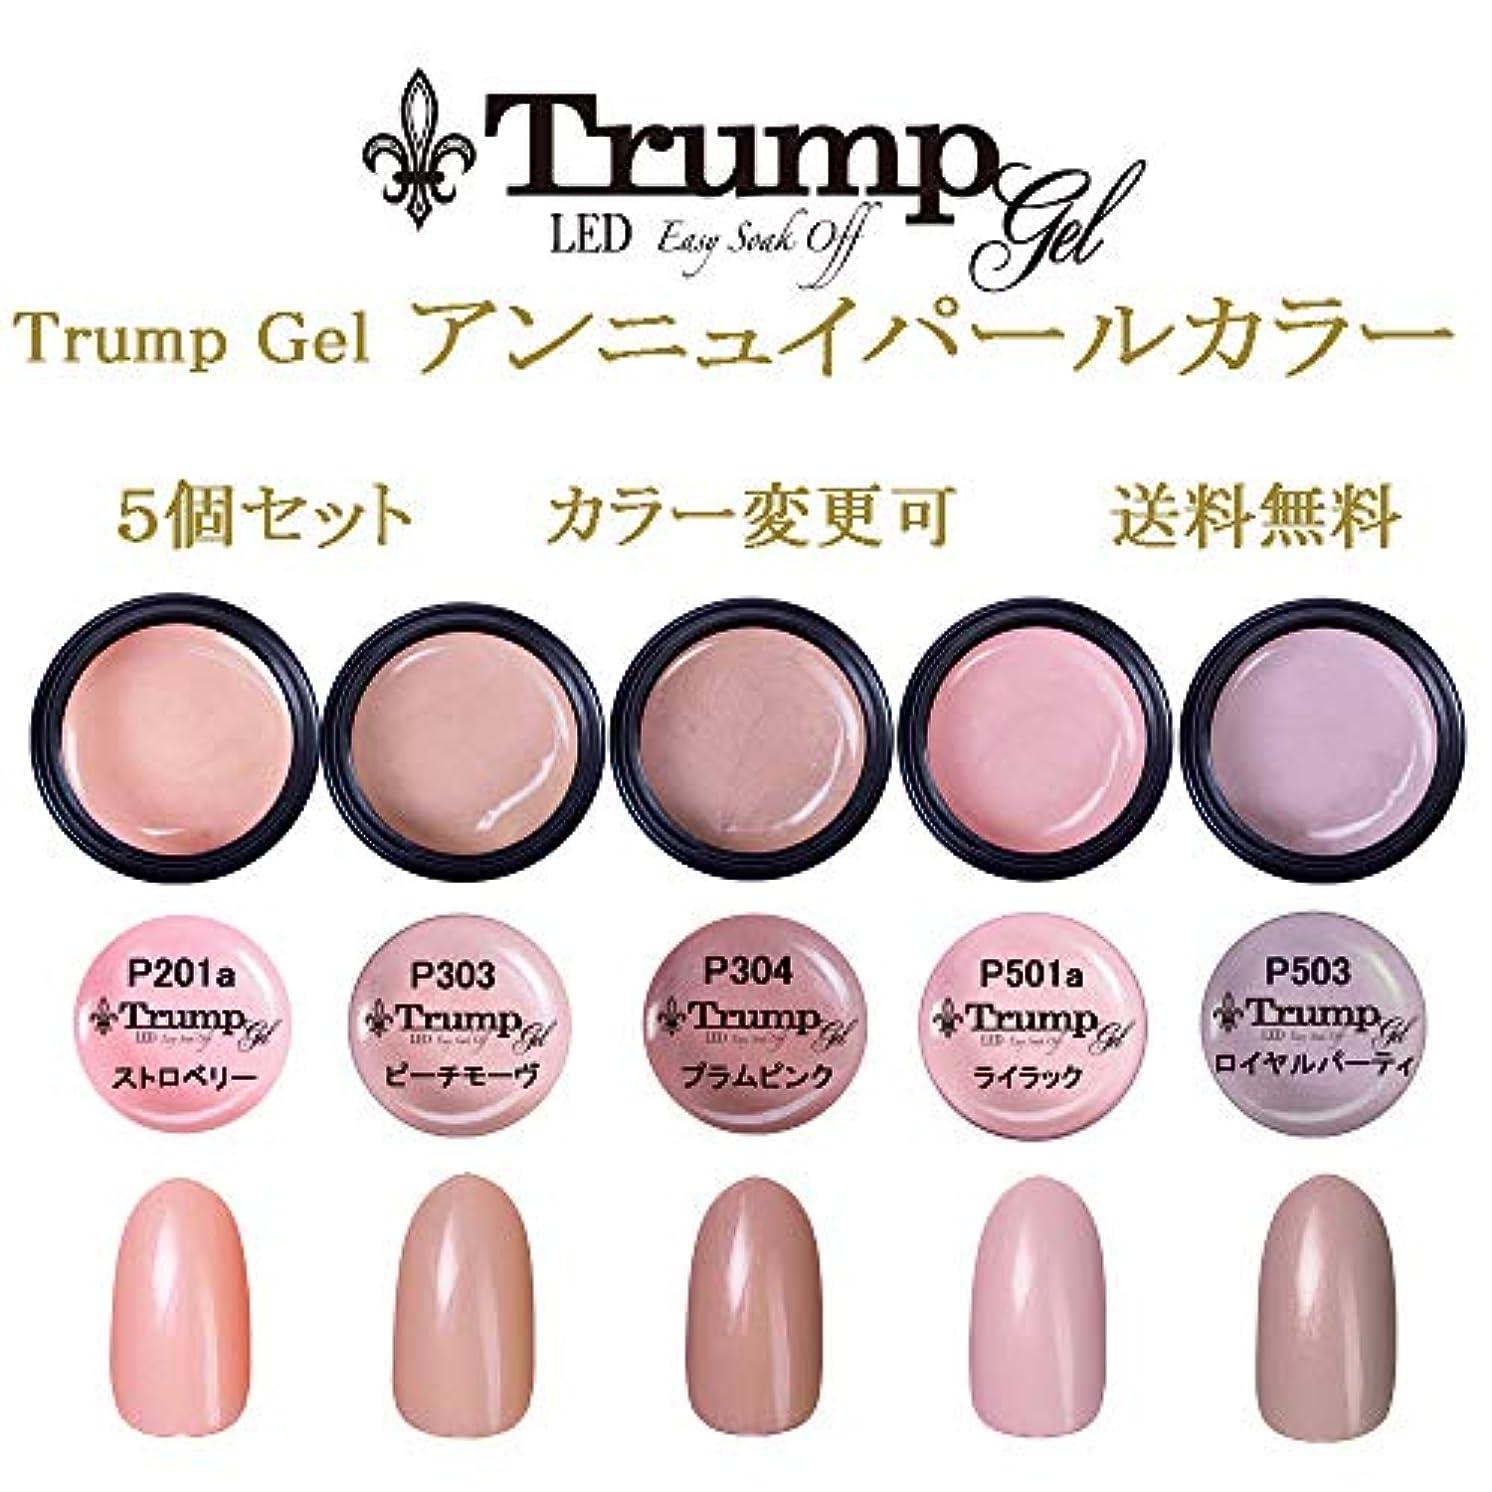 インシュレータスタイル気晴らし日本製 Trump gel トランプジェル アンニュイ パール 選べる カラージェル 5個セット ピンク ベージュ パープル